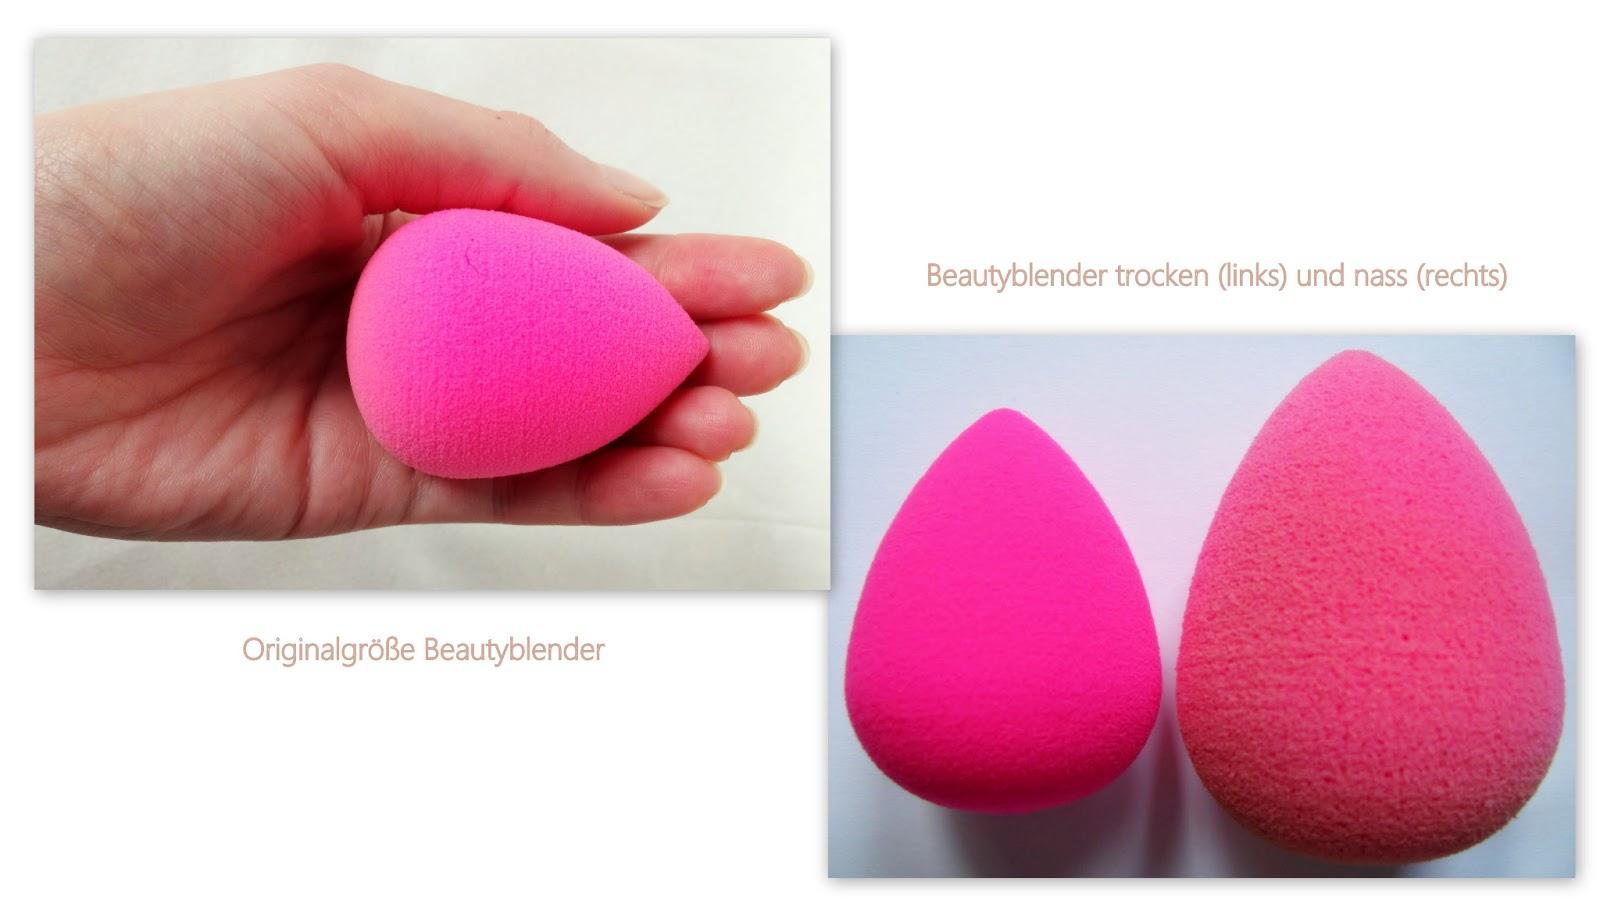 Beautyblender original pinkes Beauty Schwämmchen trocken und nass